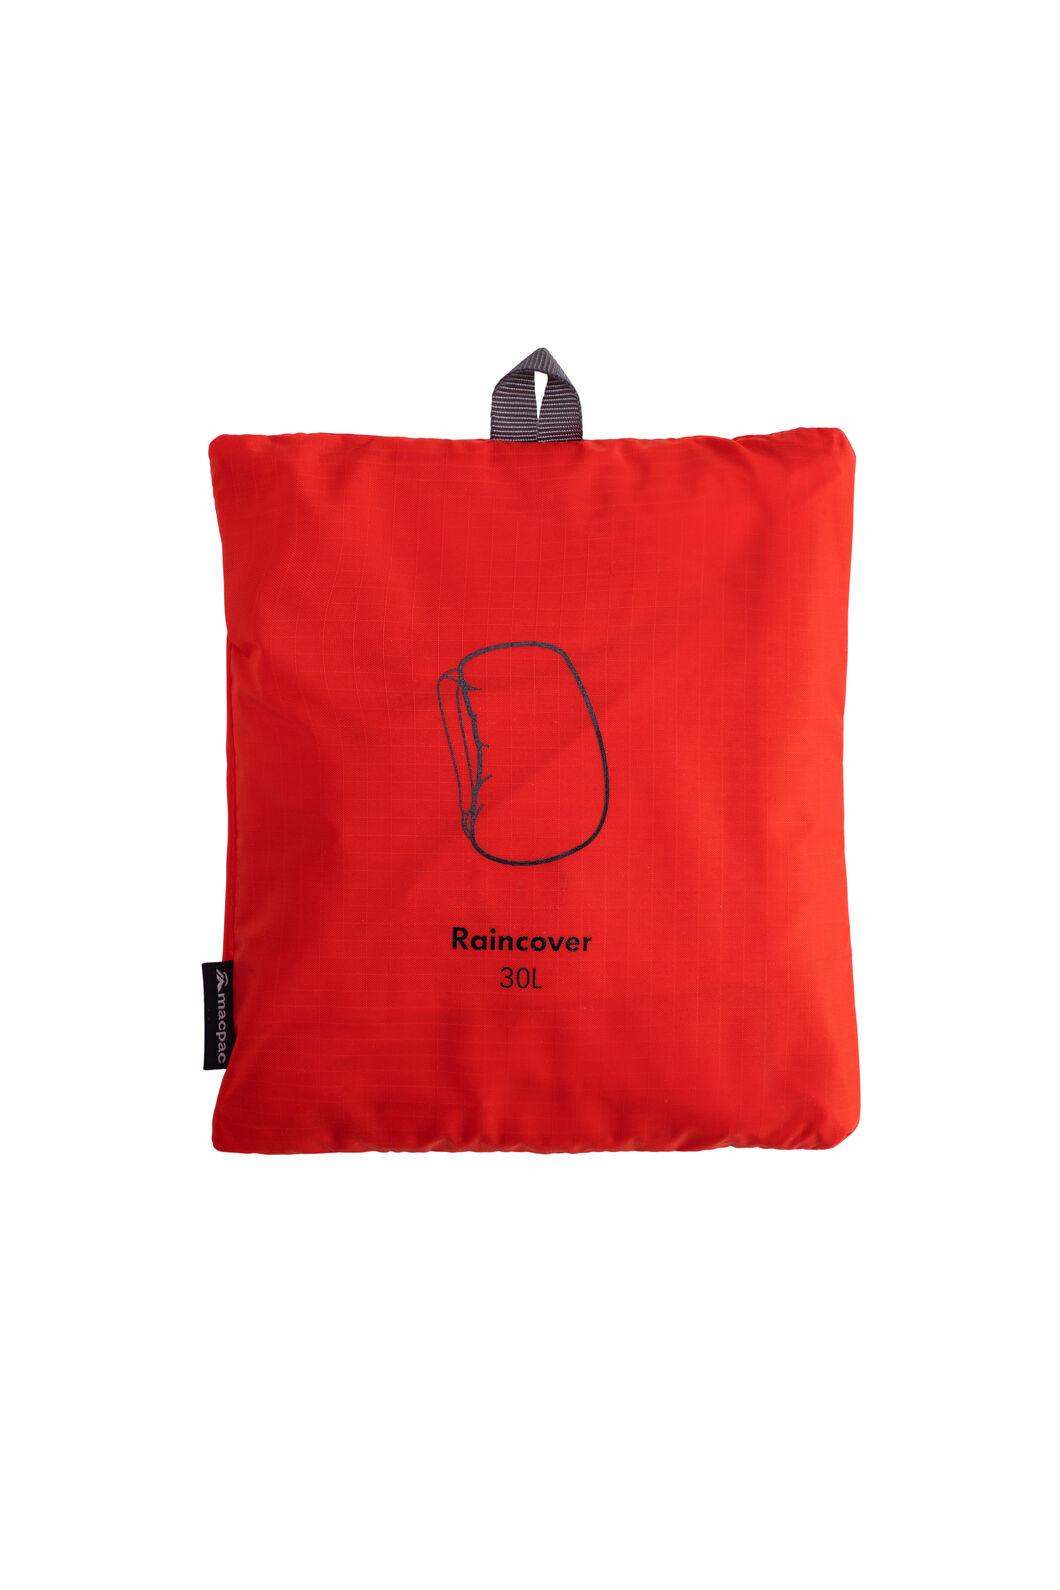 Macpac Pack Raincover 1.1 — Small, Indicator, hi-res